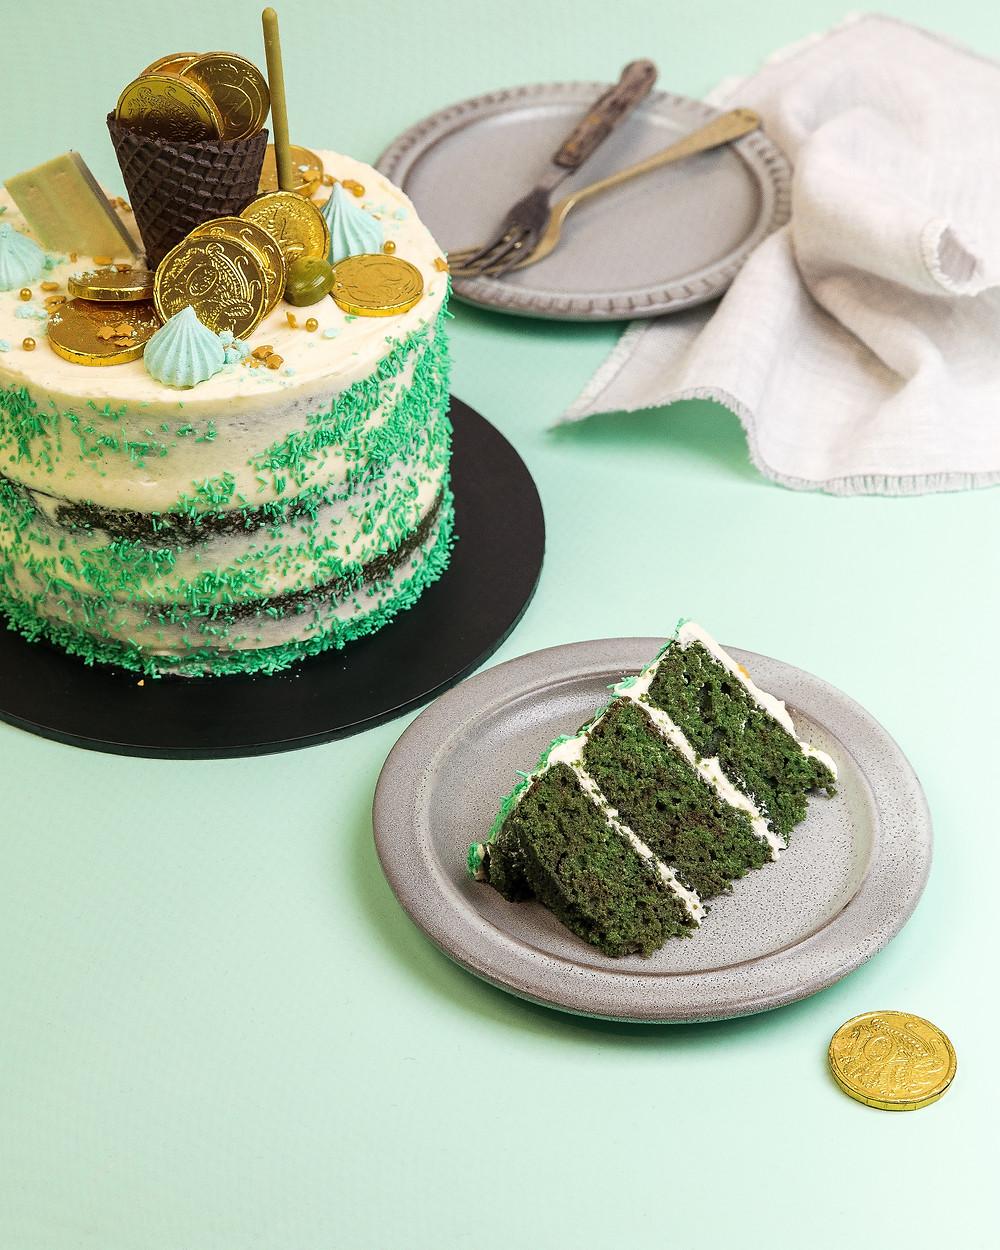 St Patricks Day Green Velvet Cake